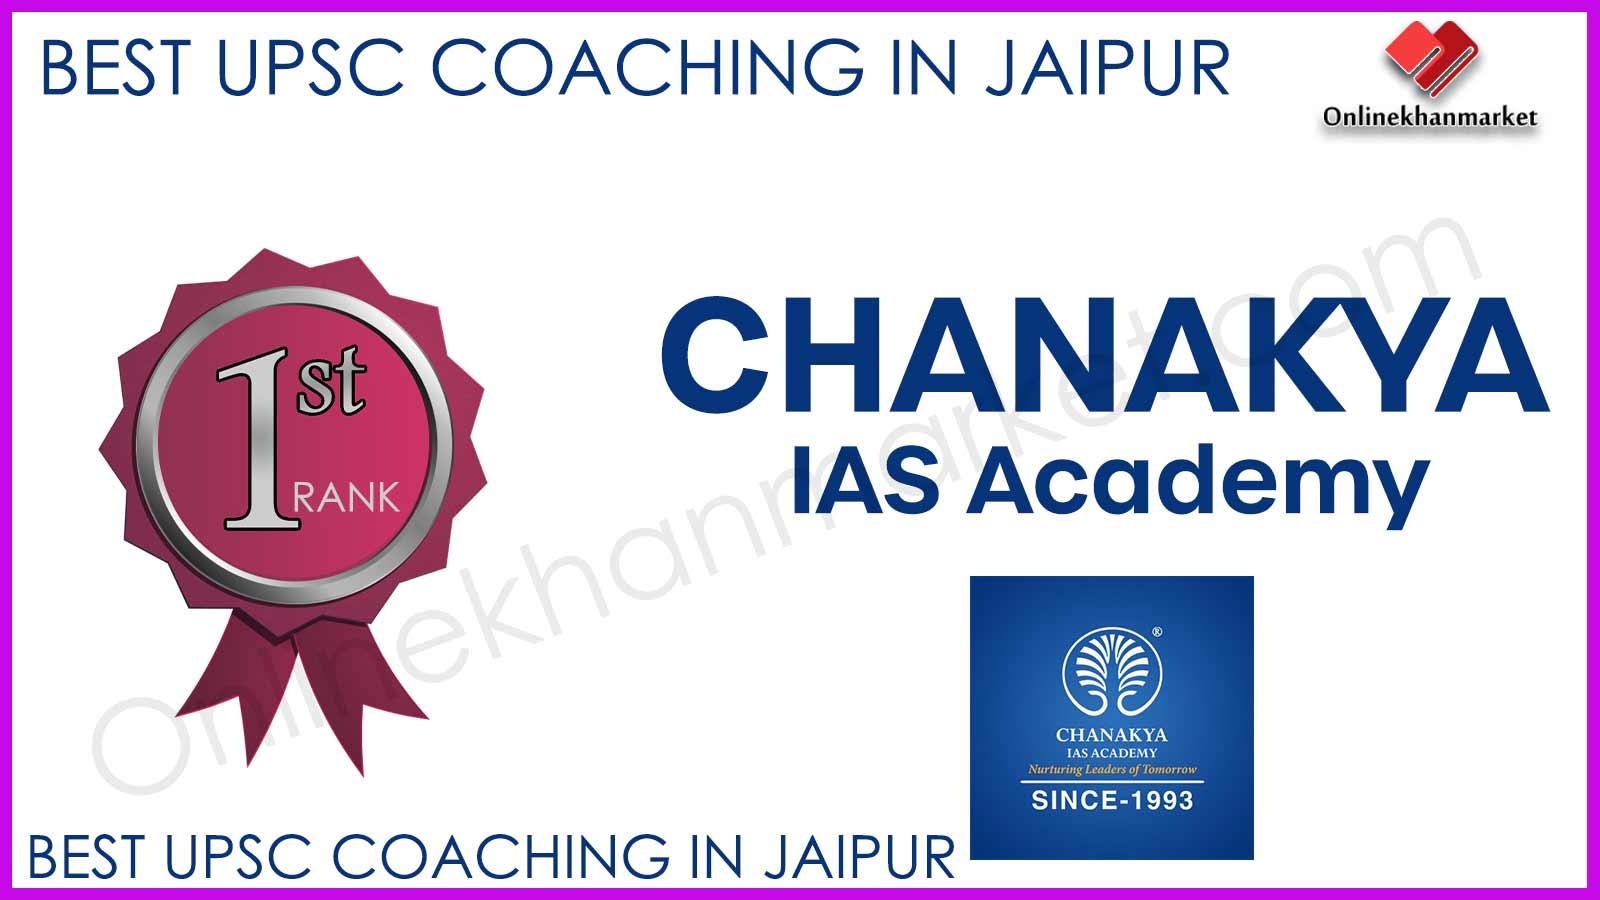 IAS Coaching in Jaipur